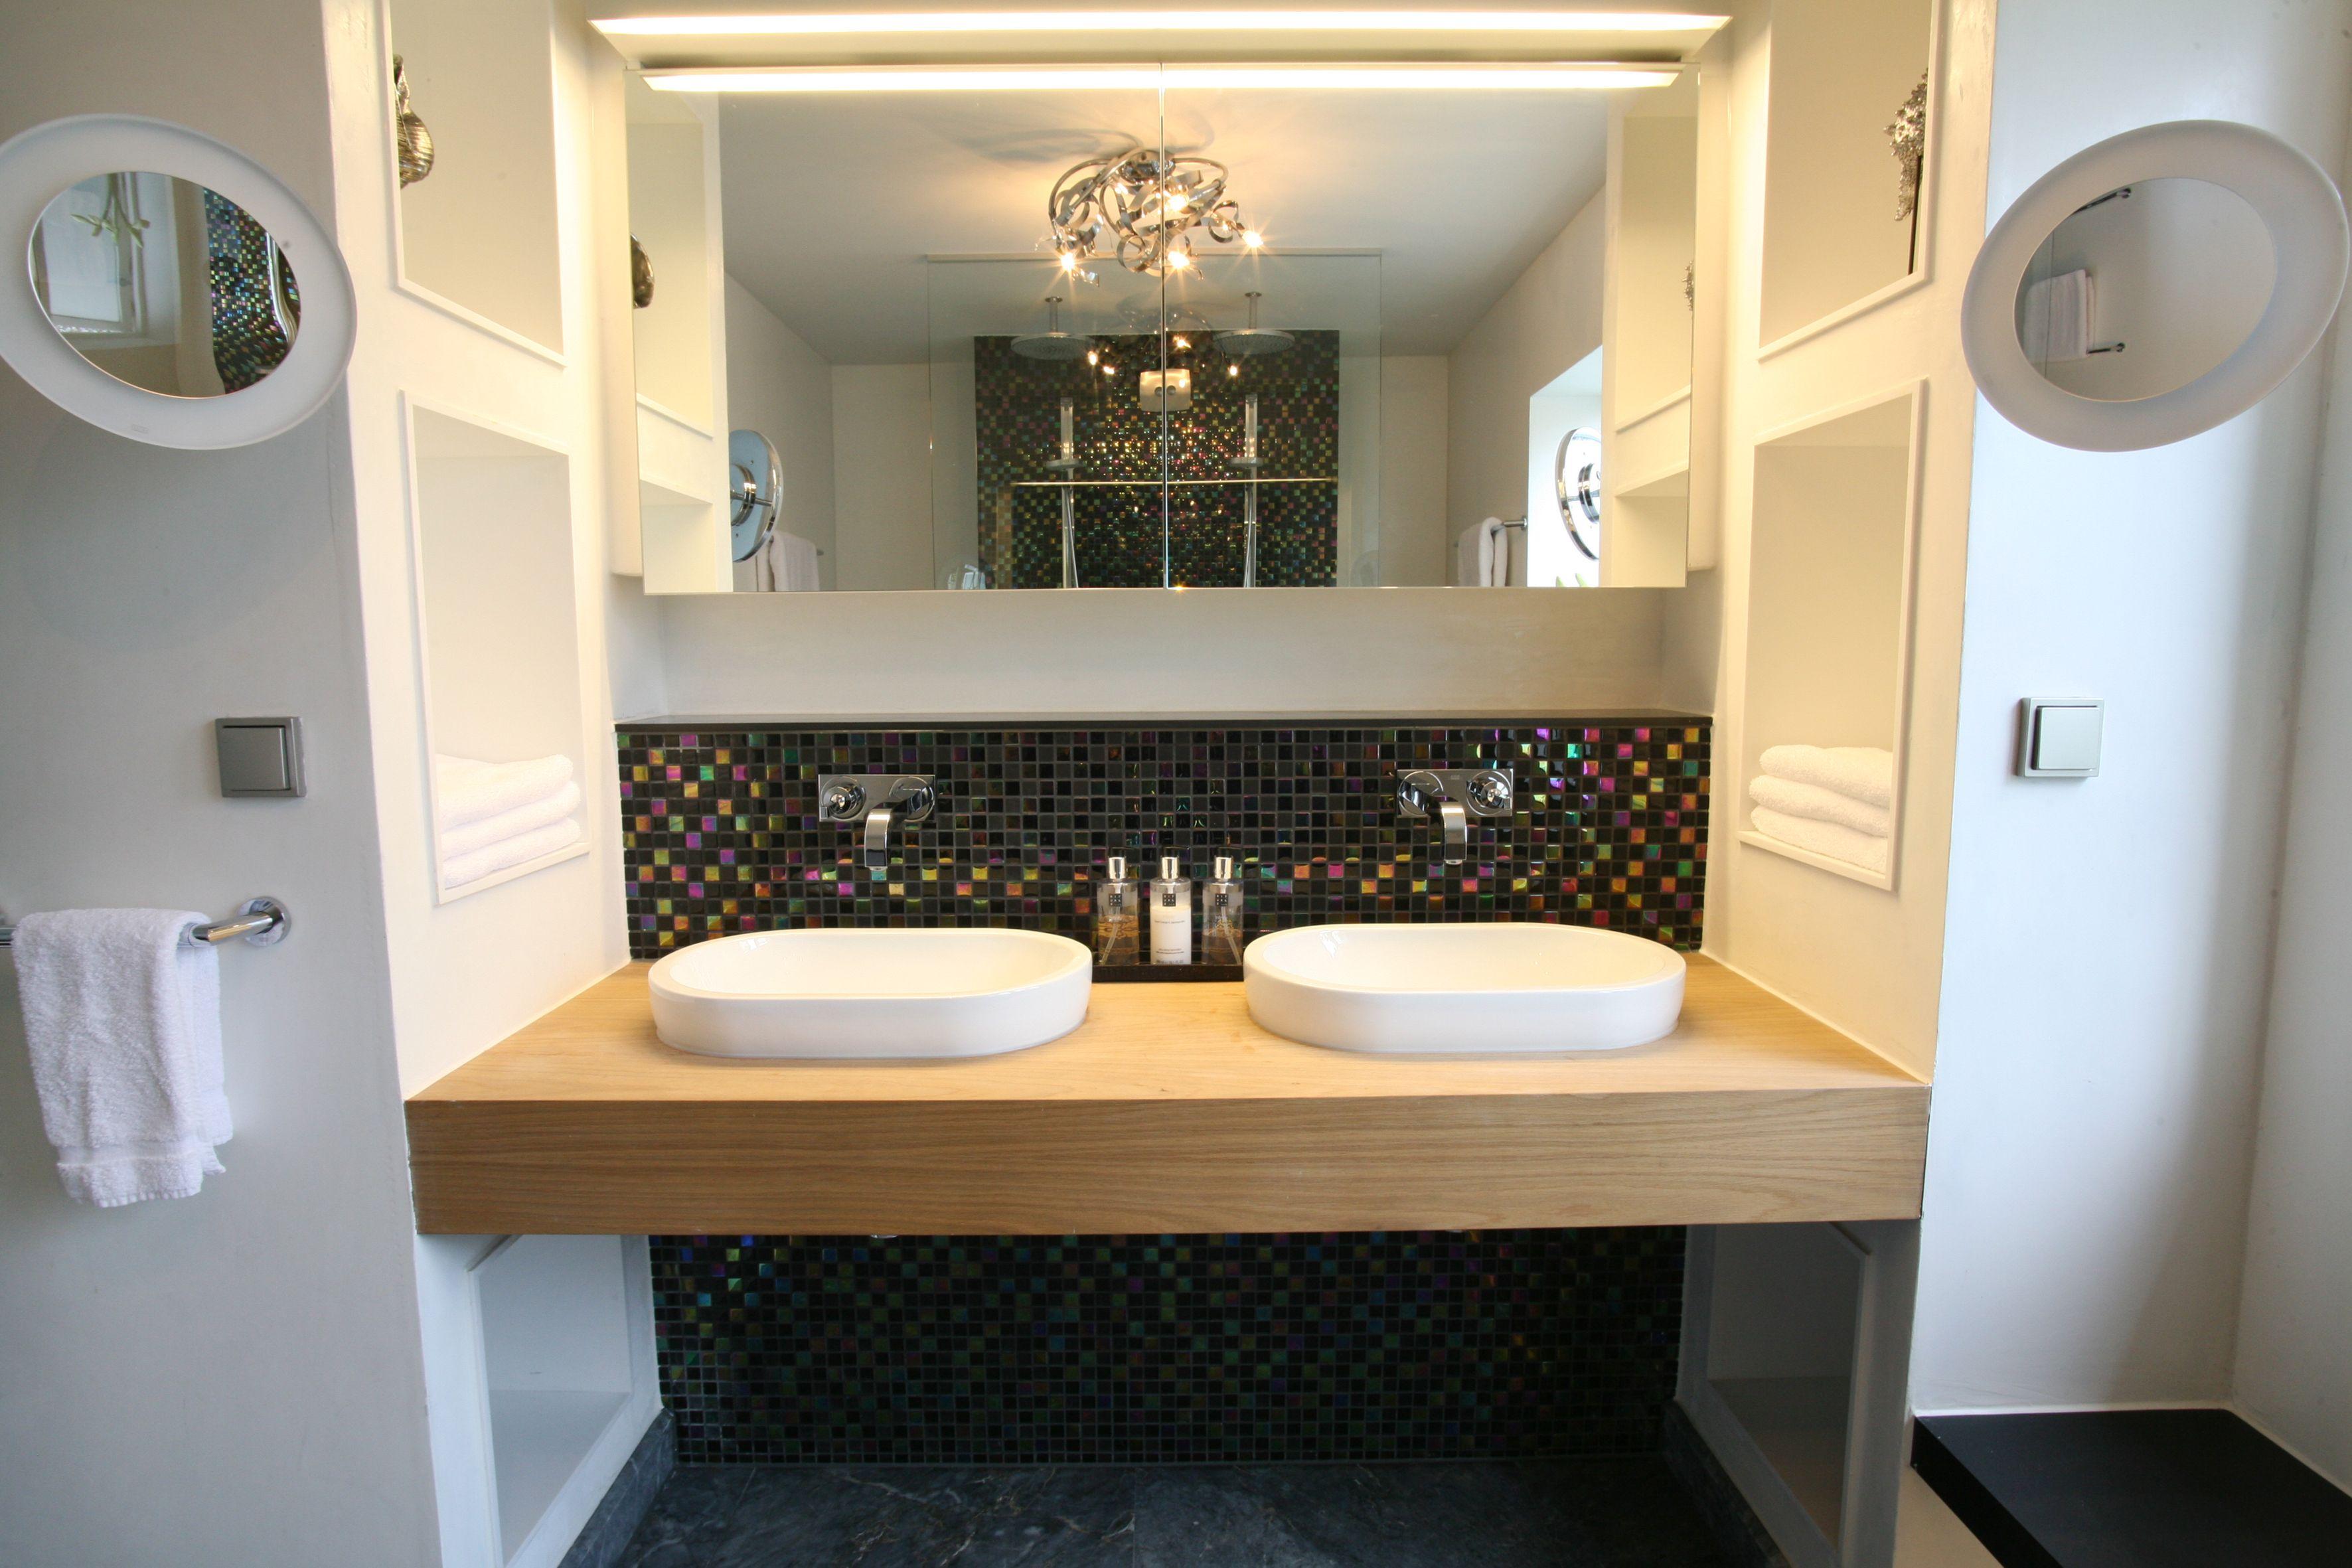 Waskommen op houten blad. Het wastafelblad in deze moderne badkamer ...